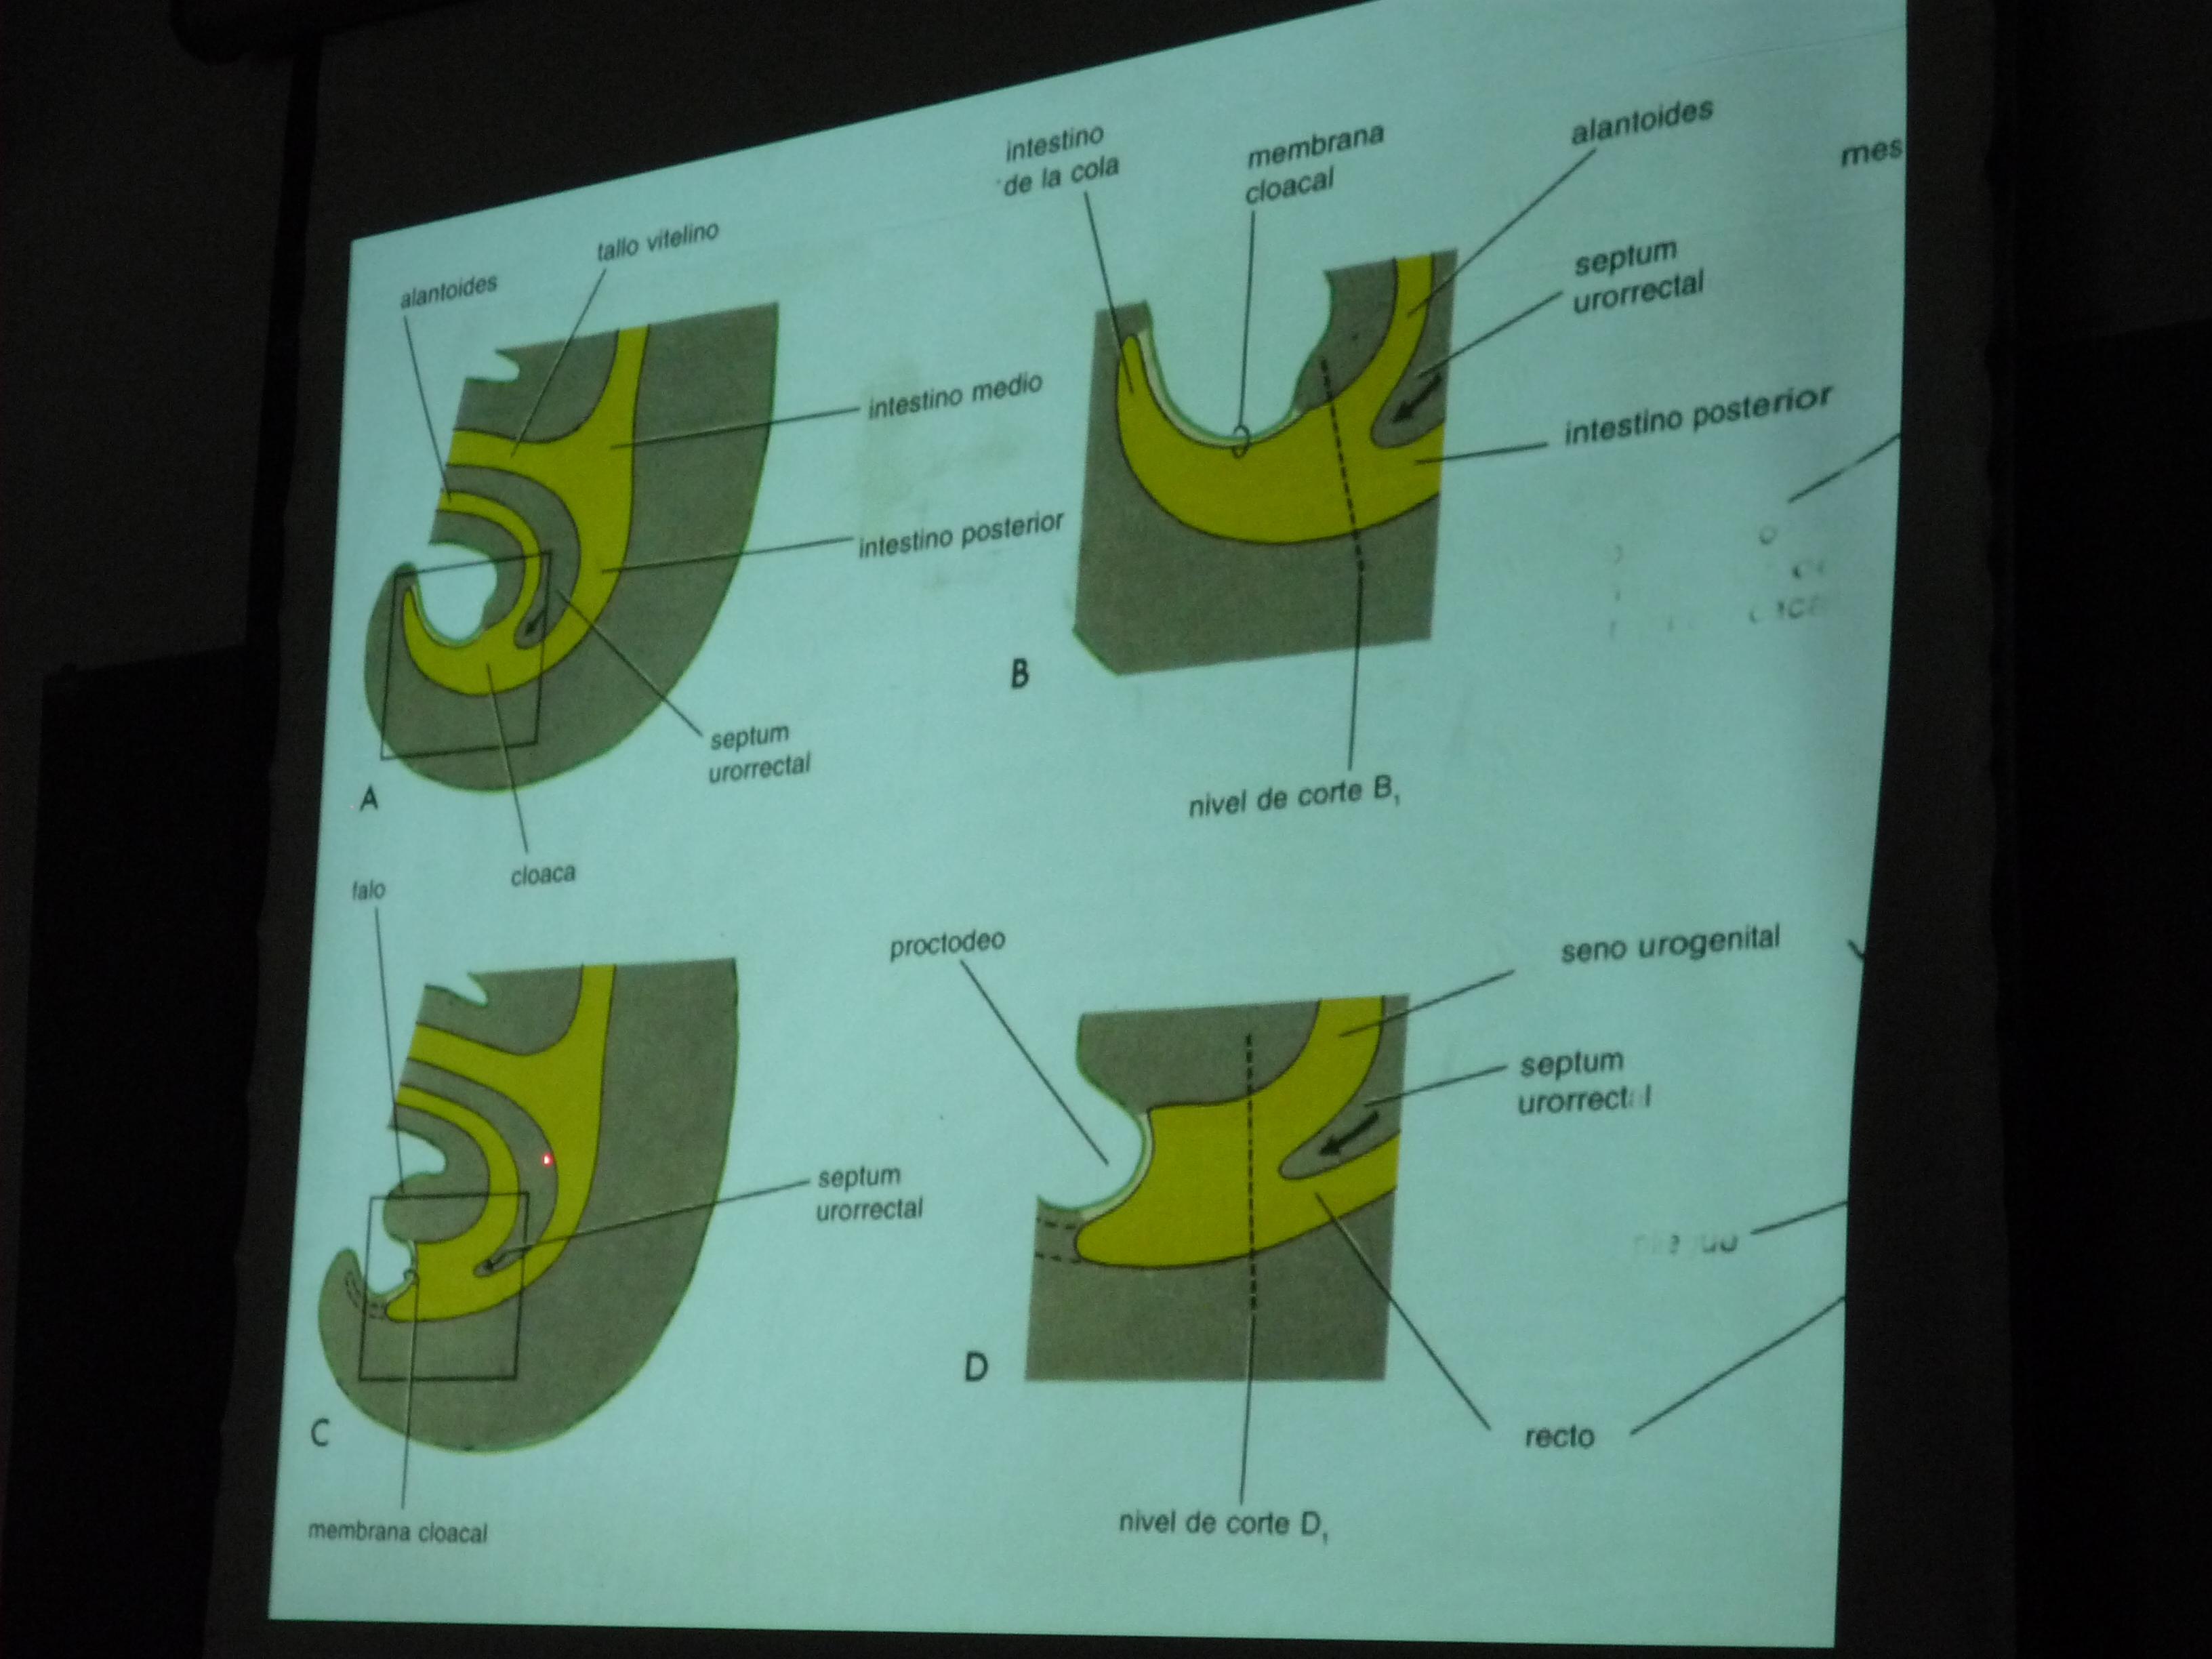 Pré-visualização de imagem de arquivo